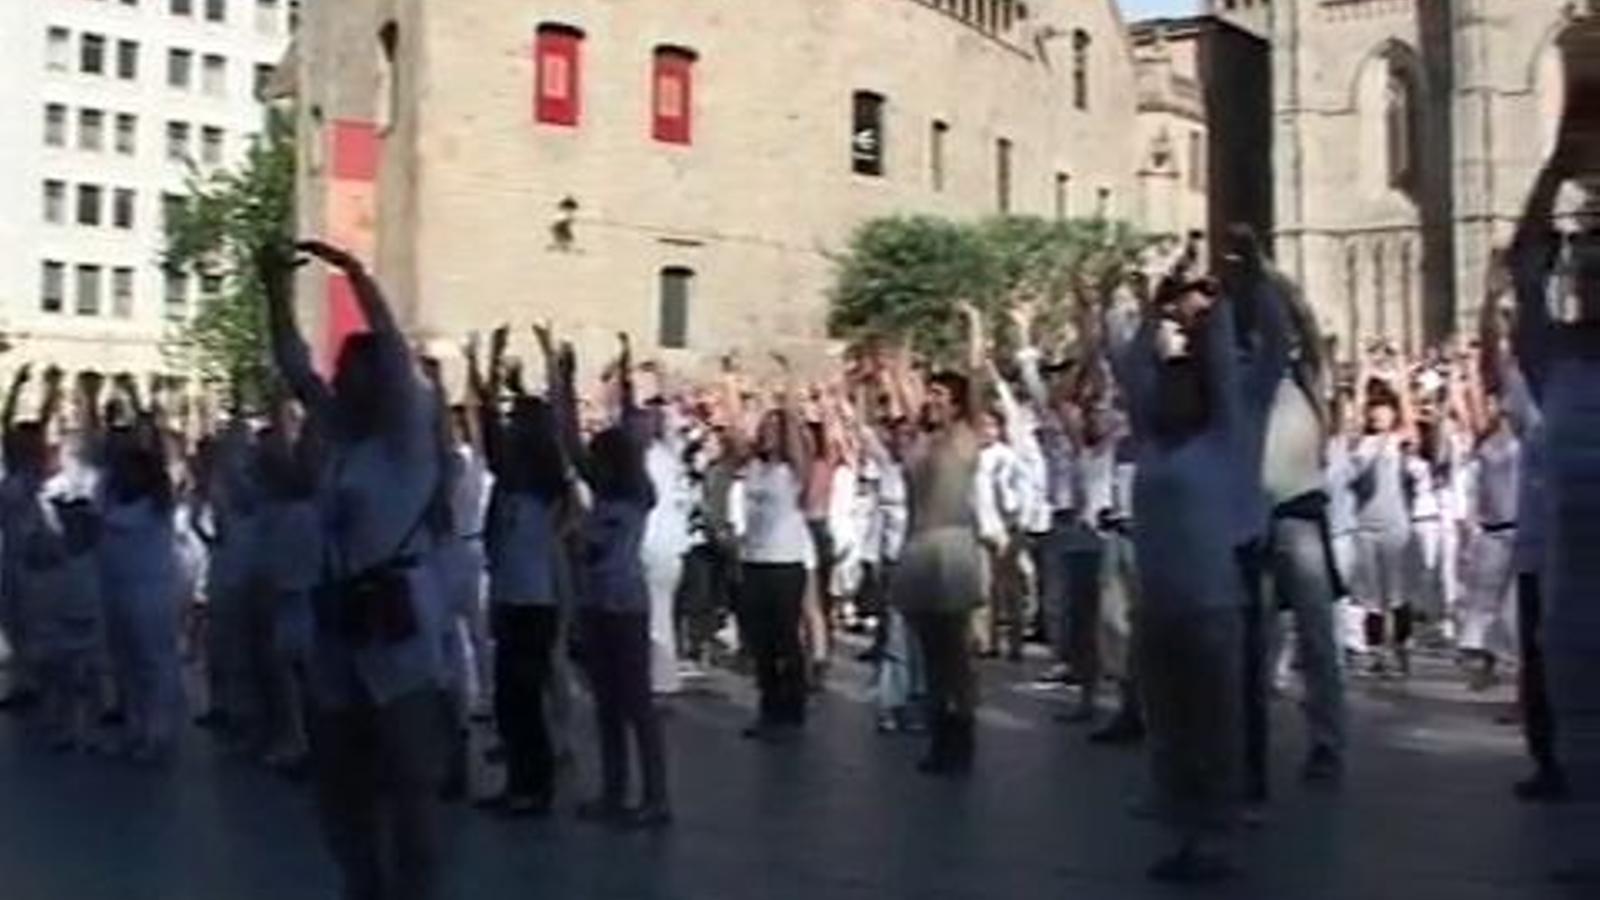 Una coreografia d''I will survive' per celebrar el dia internacional de la dansa a la plaça de la catedral de Barcelona